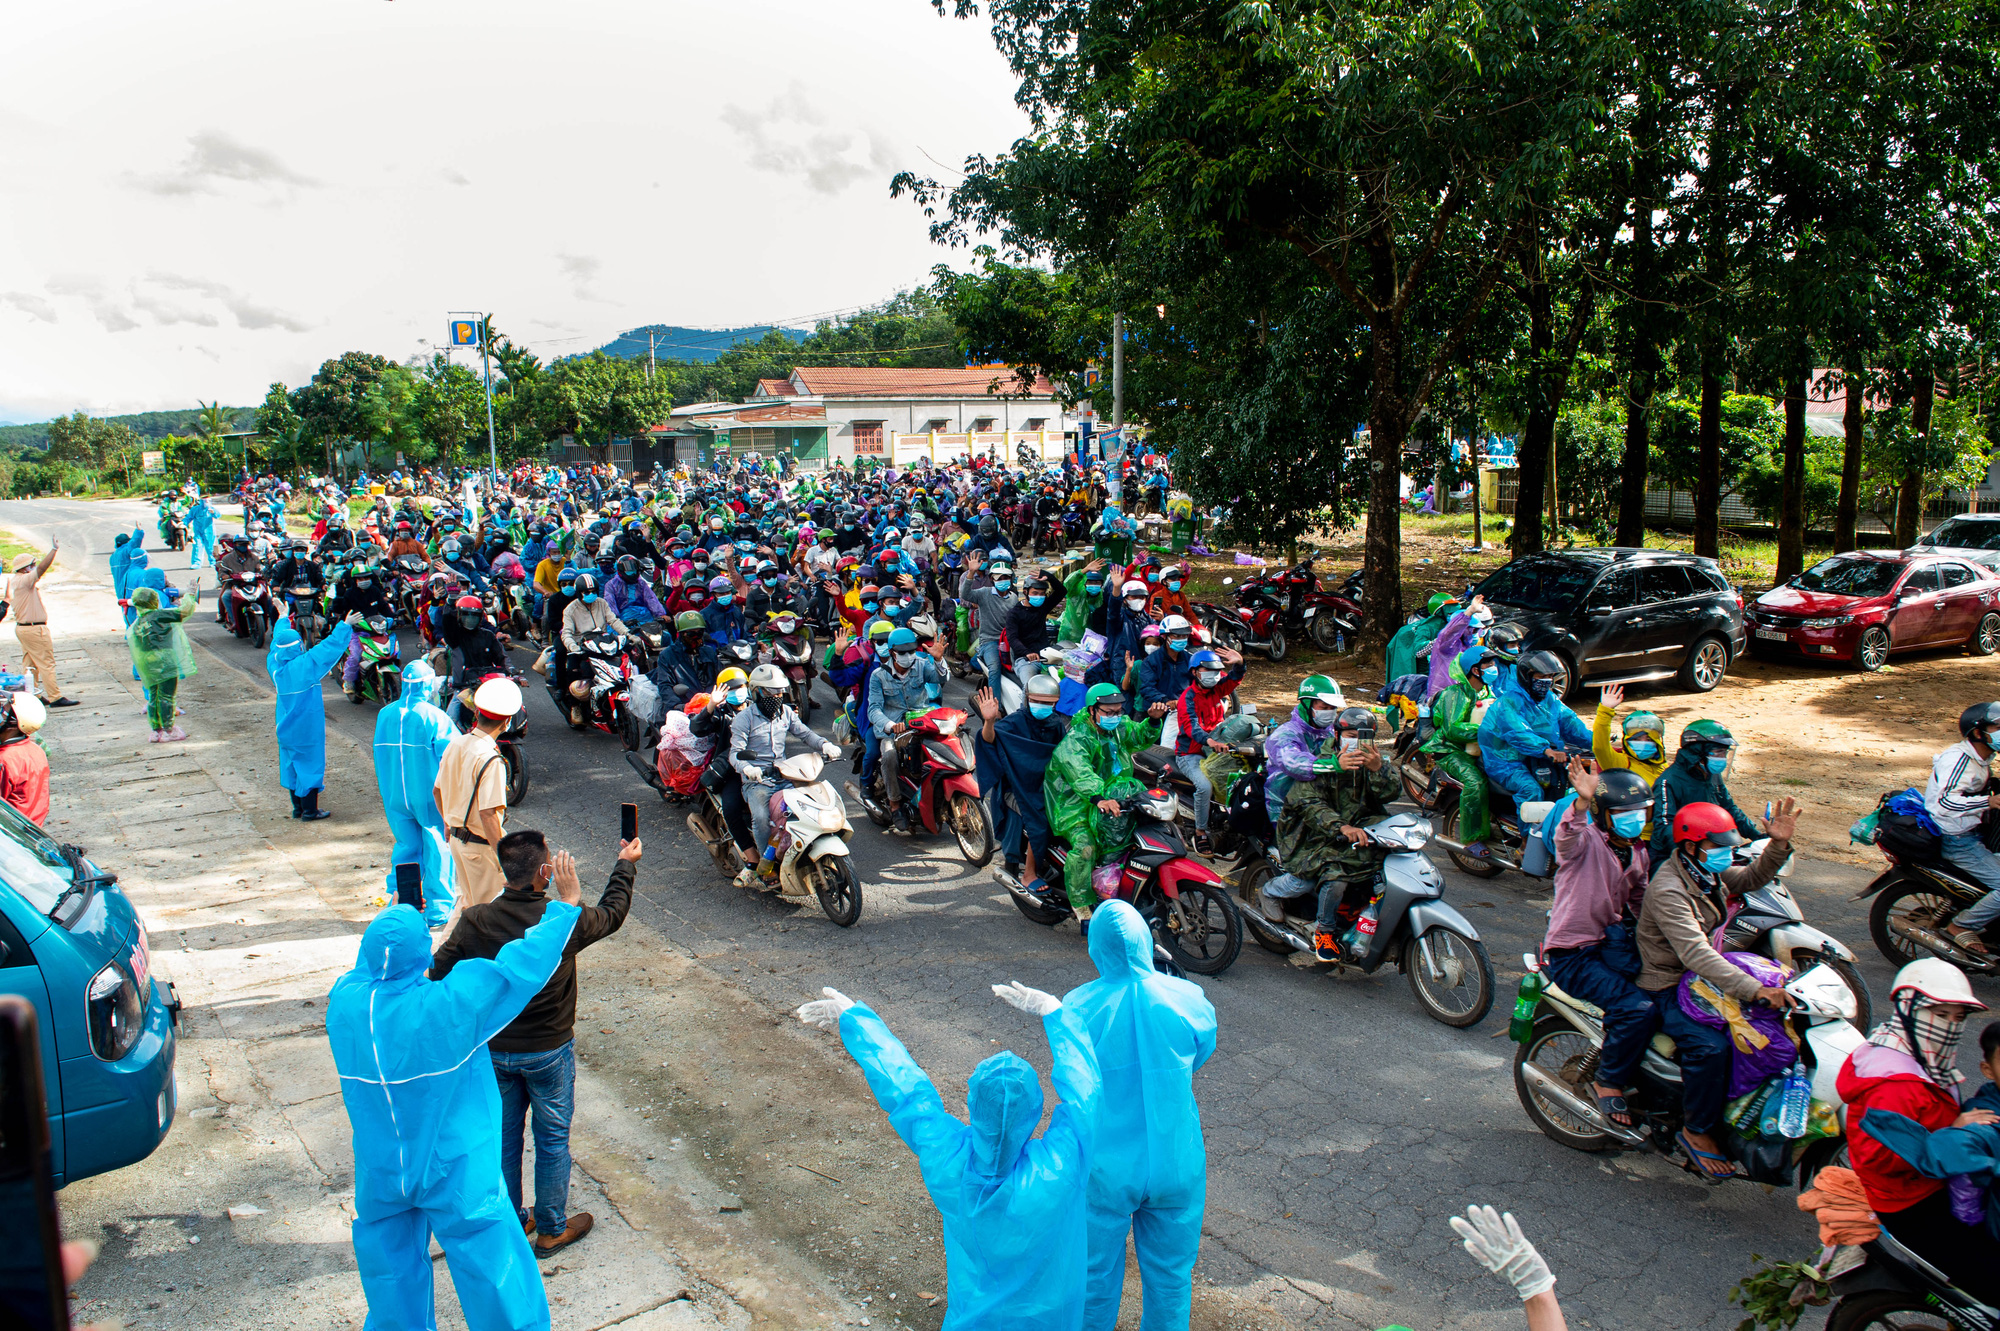 Tỉnh Kon Tum dốc toàn lực hỗ trợ người dân từ phía nam về quê mùa dịch Covid-19 - Ảnh 10.